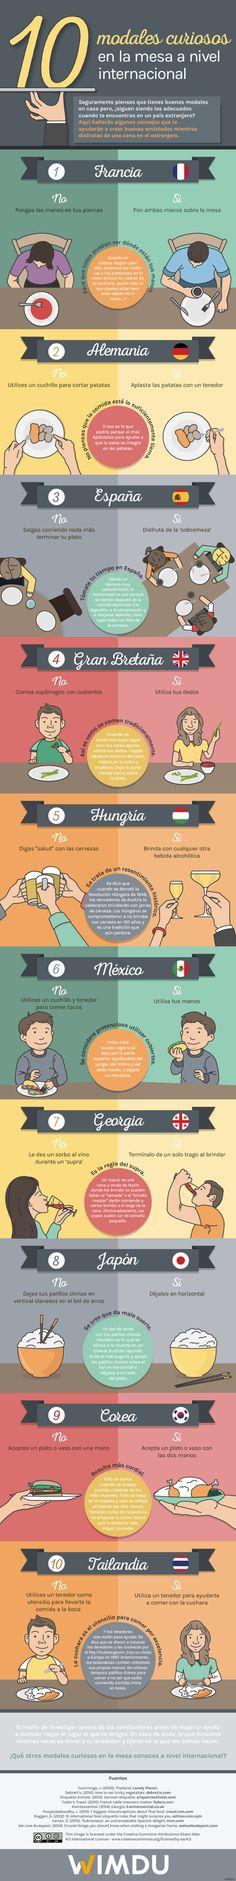 Cómo debes comportarte en la mesa según el país que visites #Infografia